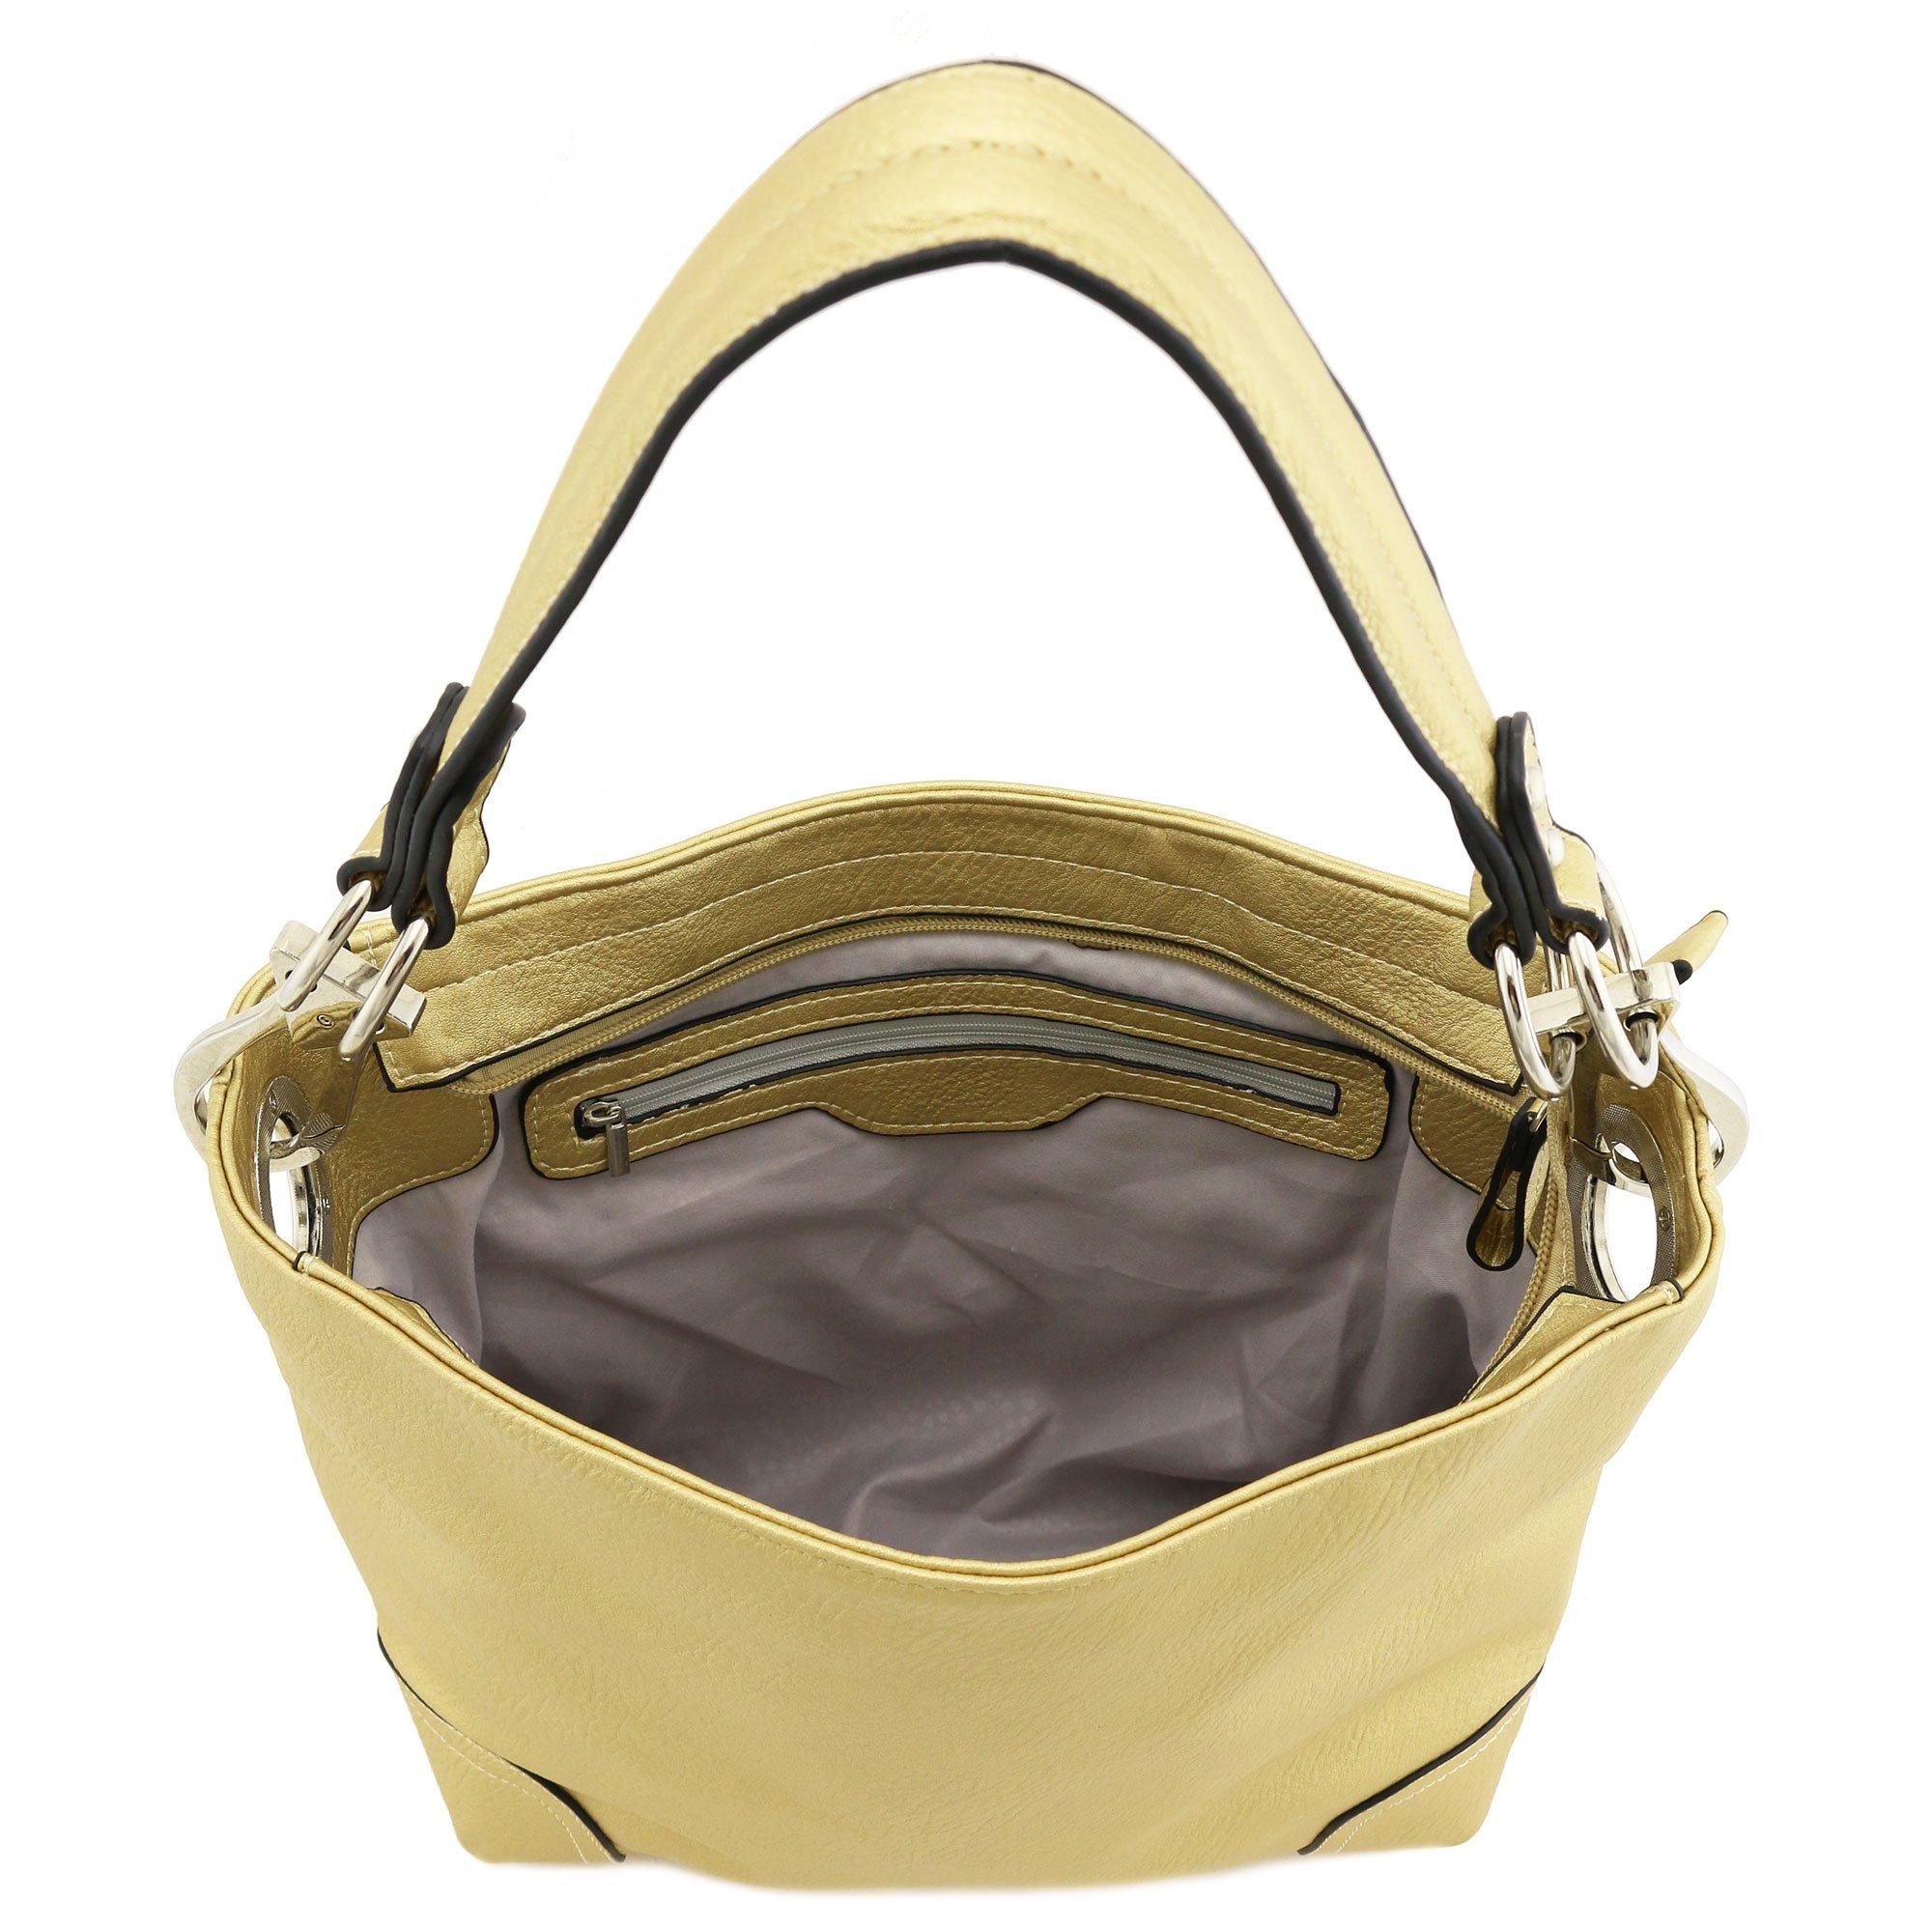 Hobo Shoulder Bag with Big Snap Hook Hardware (Gold) by Alyssa (Image #6)